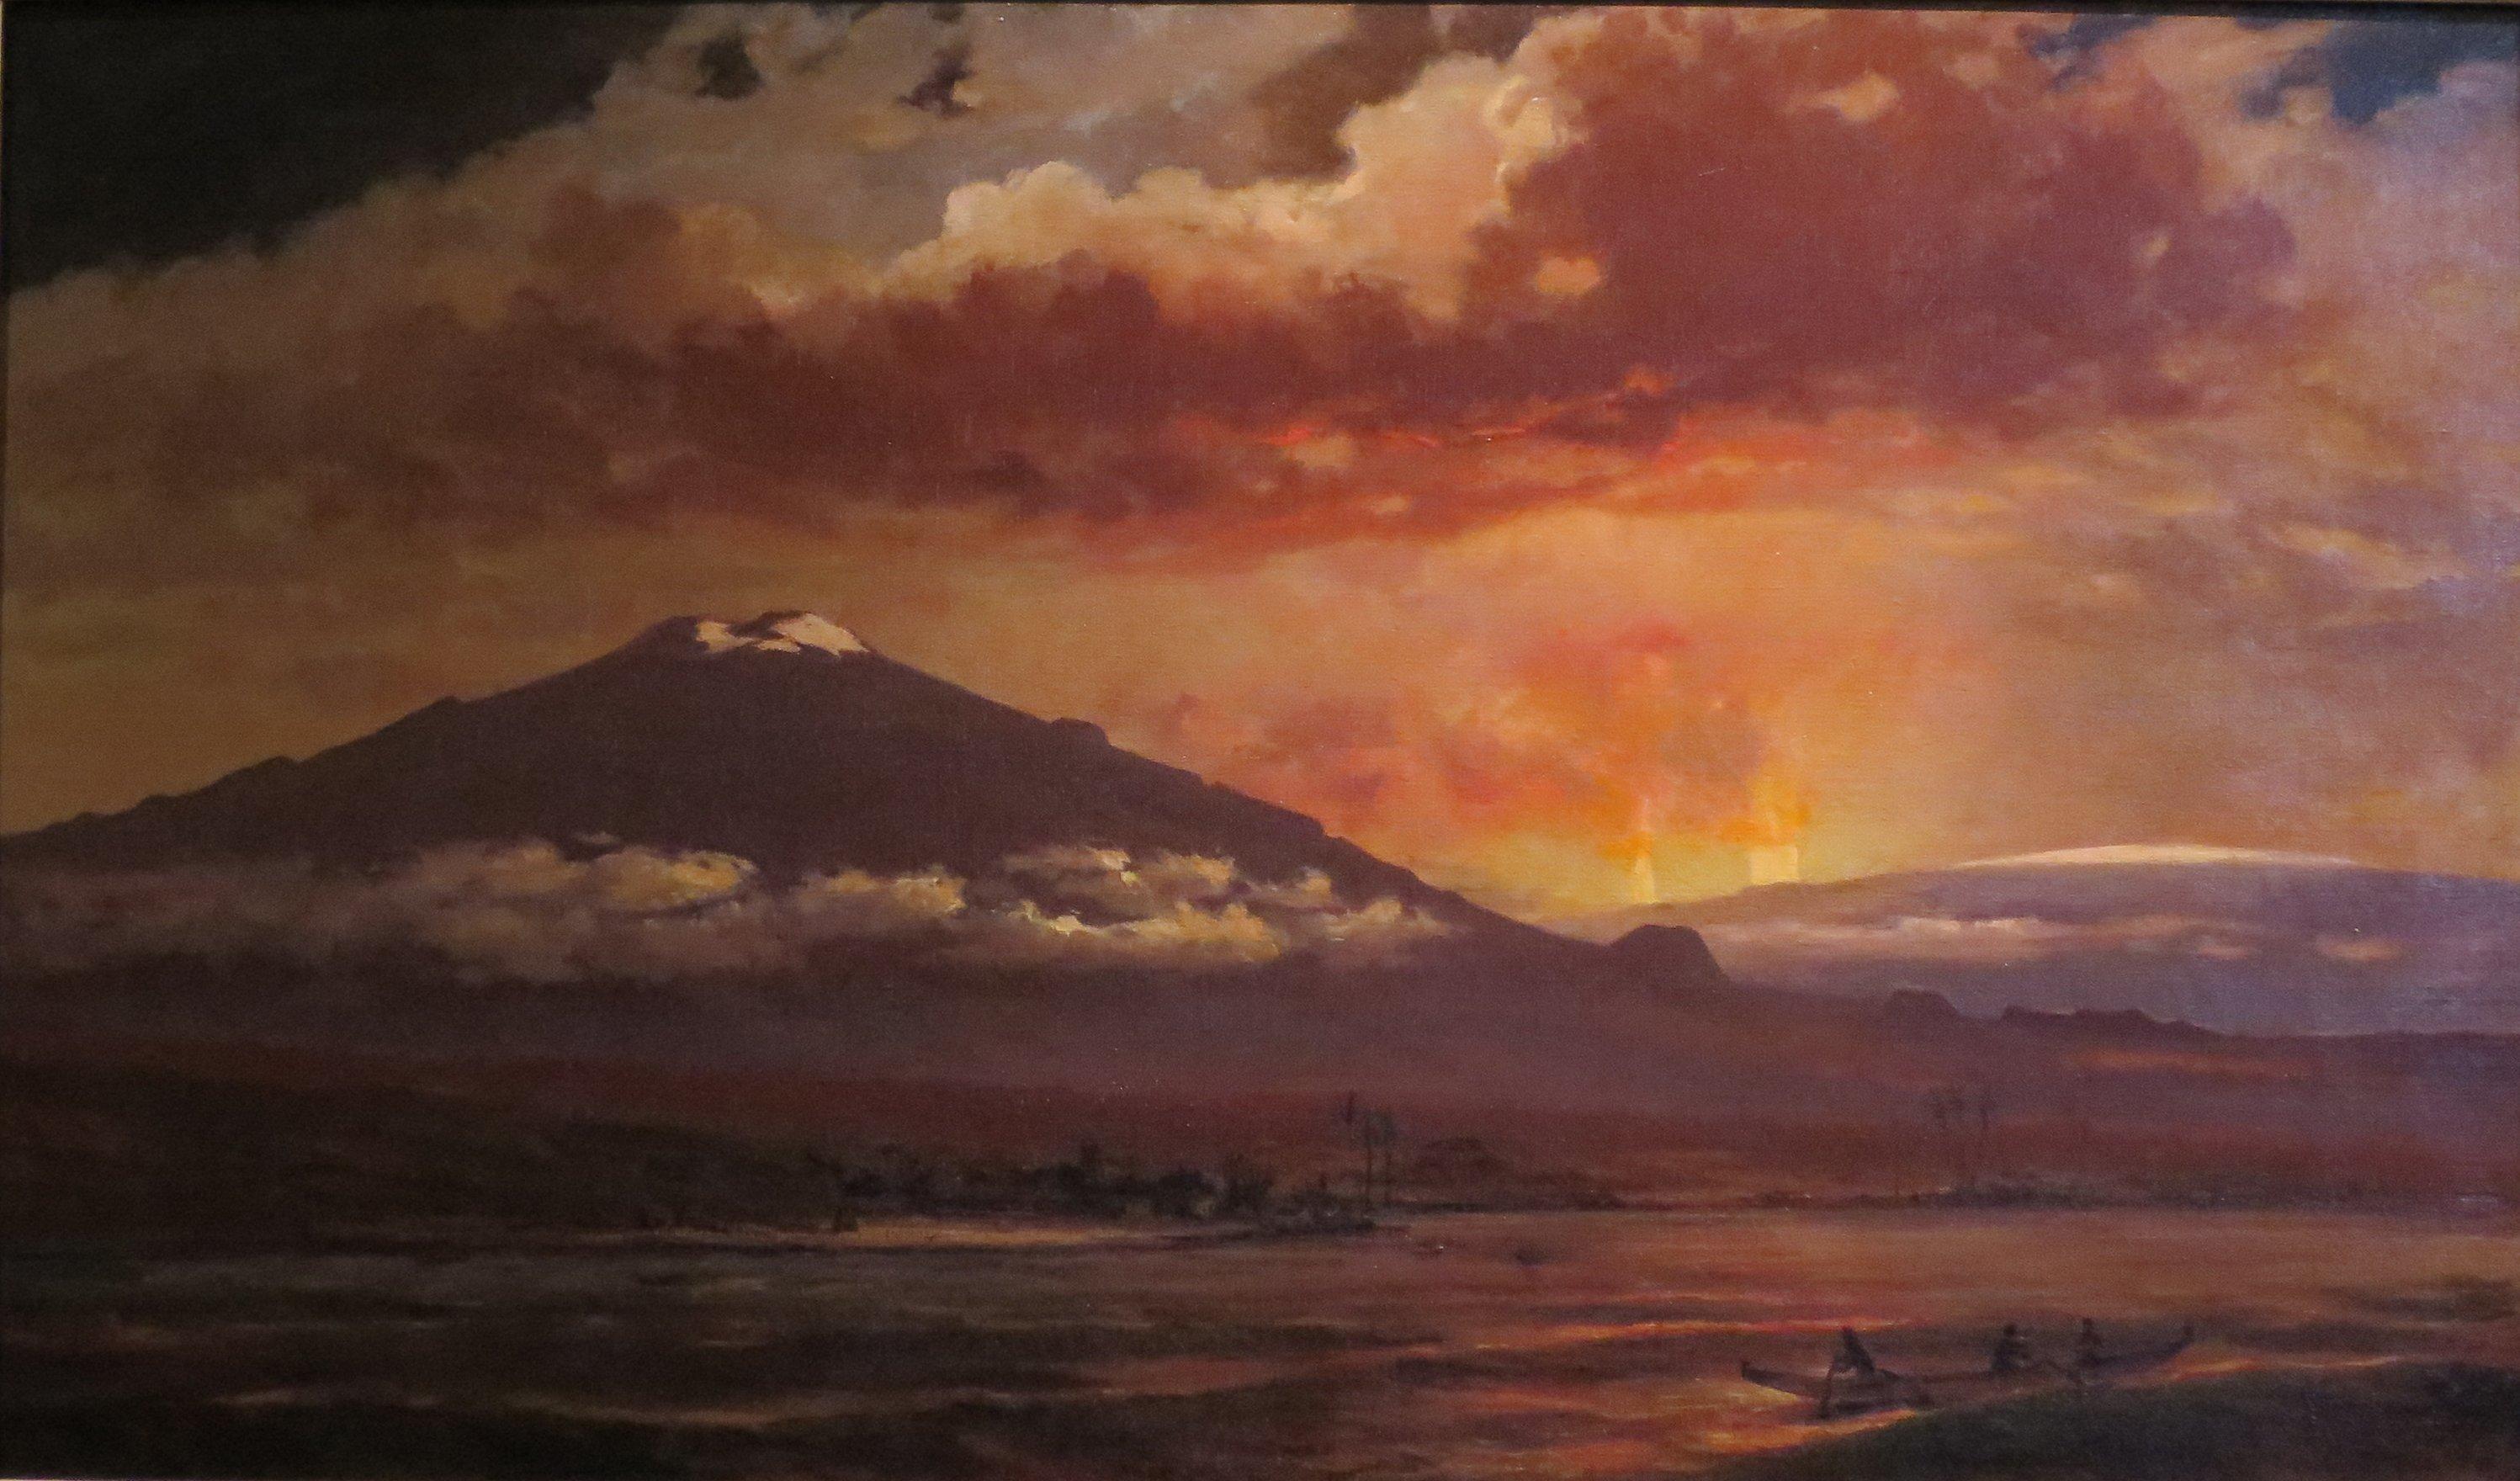 Volcano Eruption Hawaii Big Islandvolcano Eruption On Big Island Hawaii